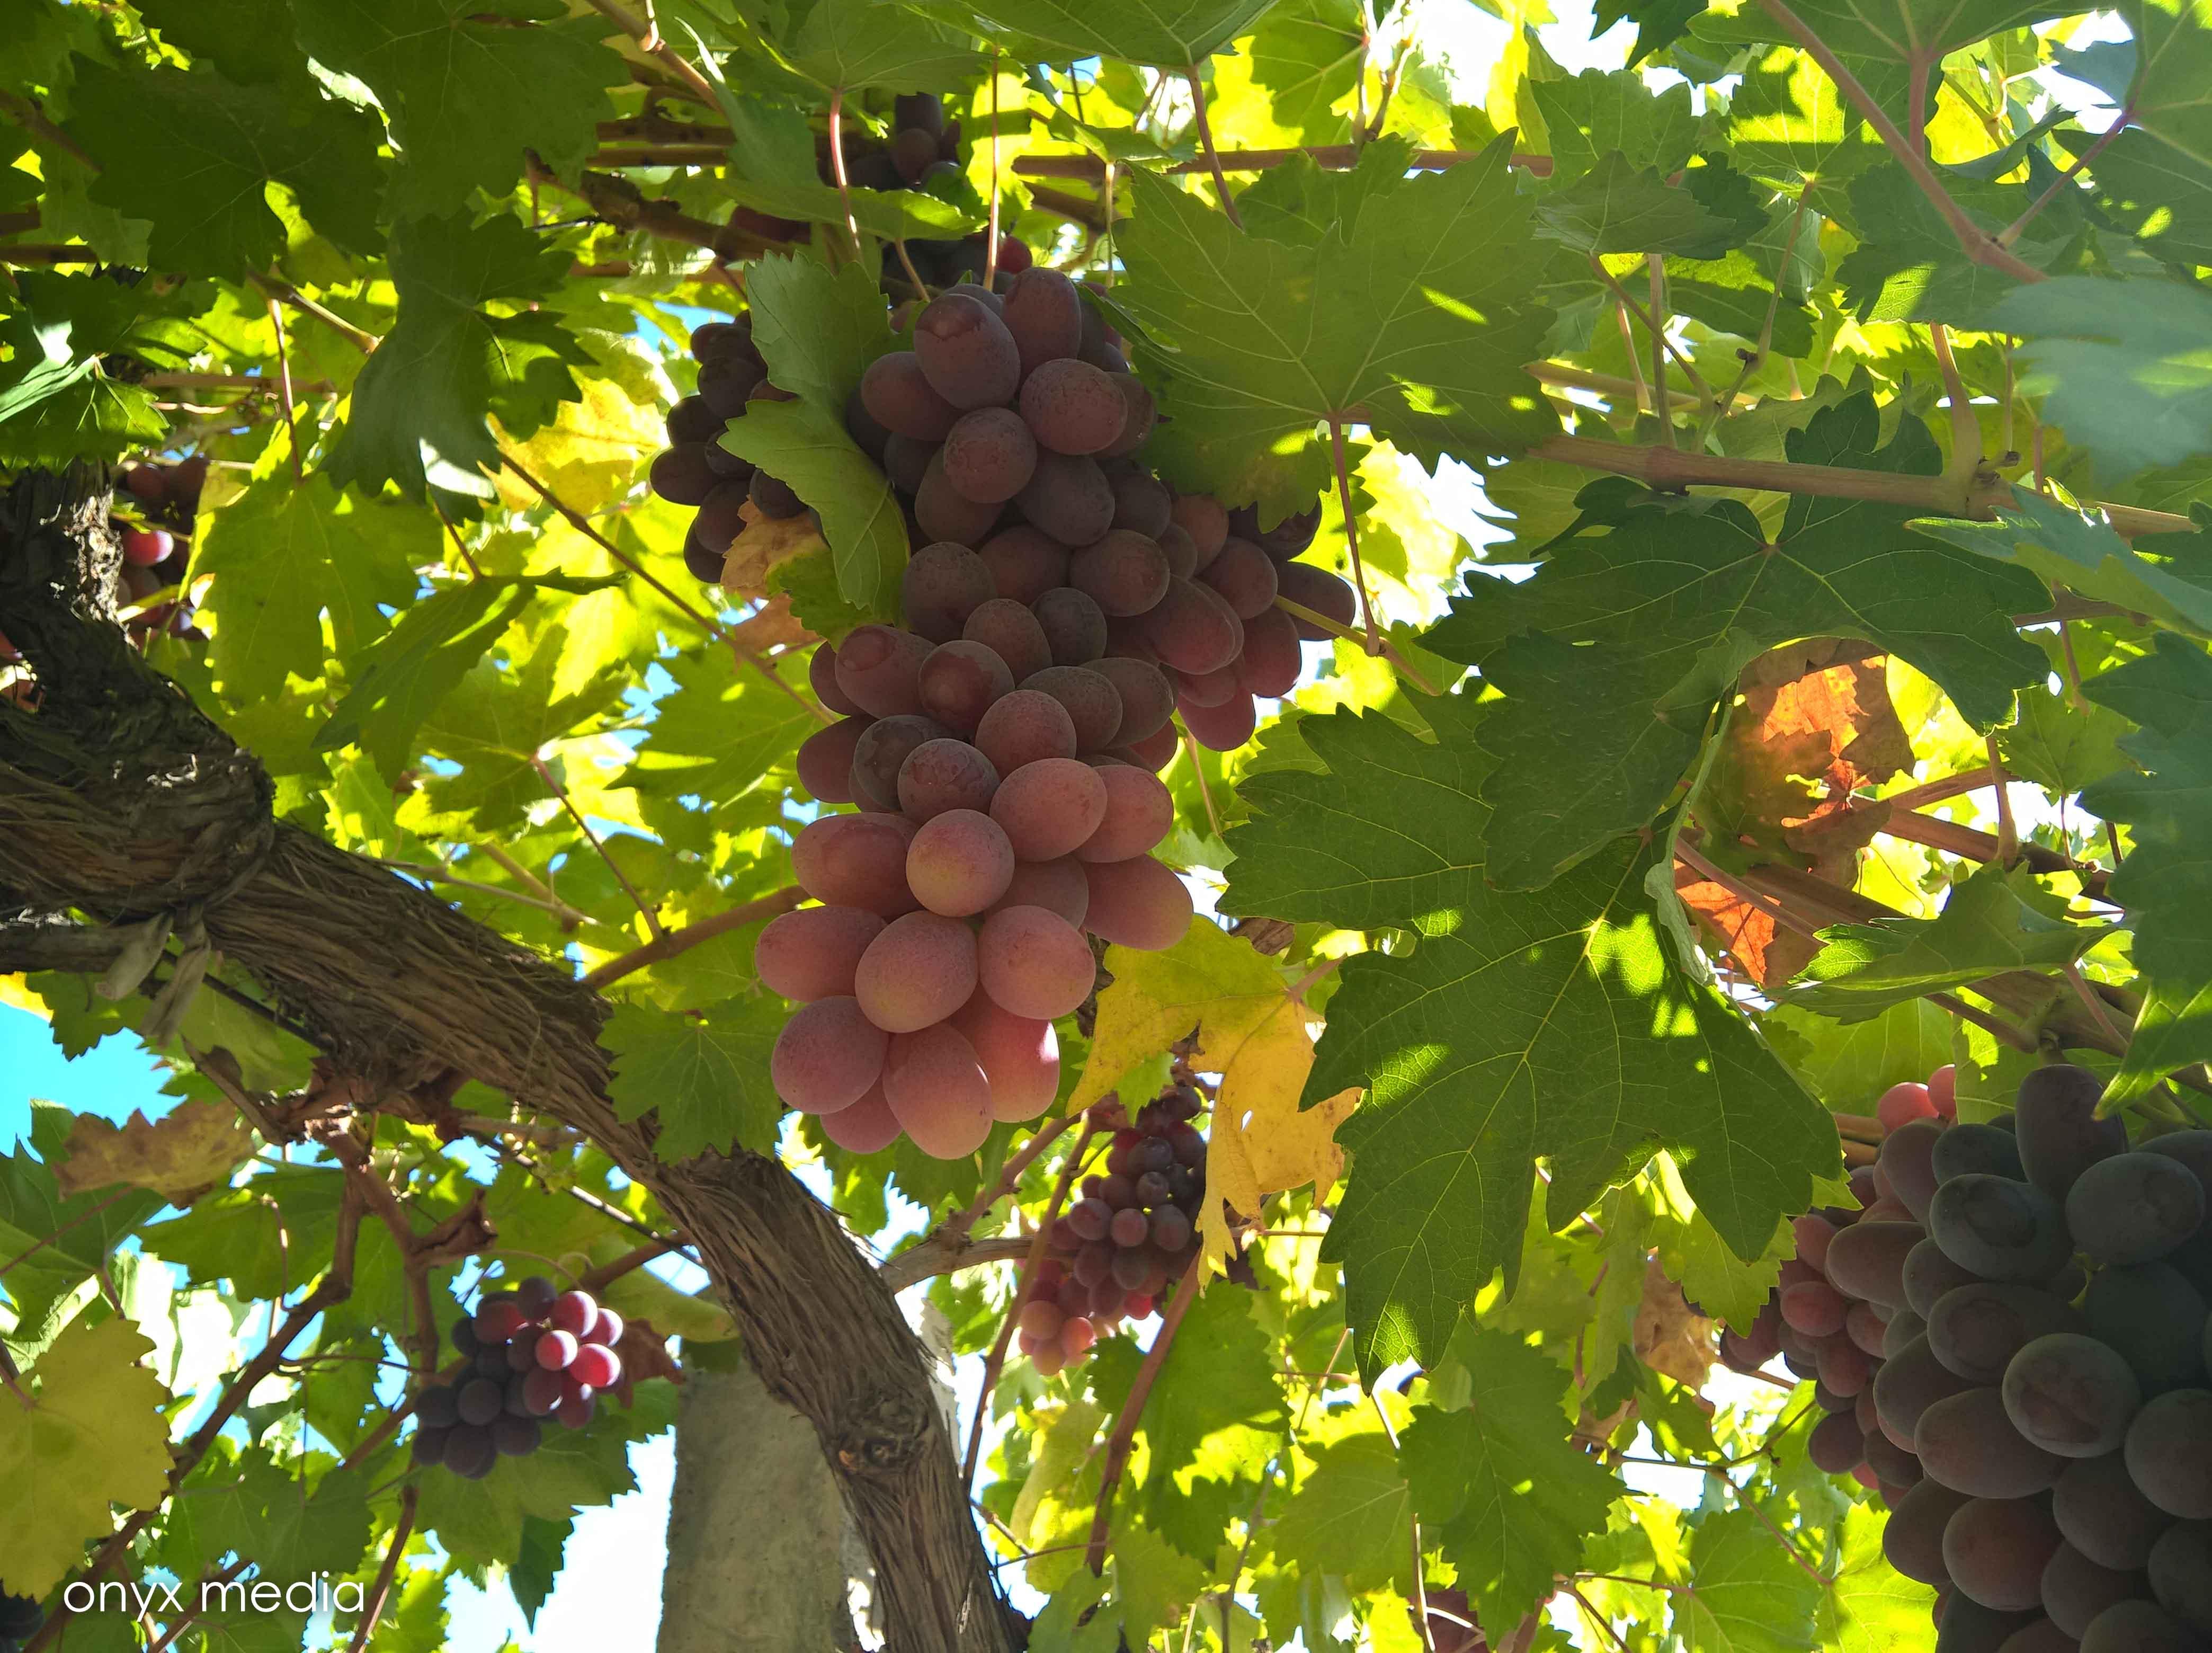 عکس زیبا و  با کیفیت از انگور قرمز